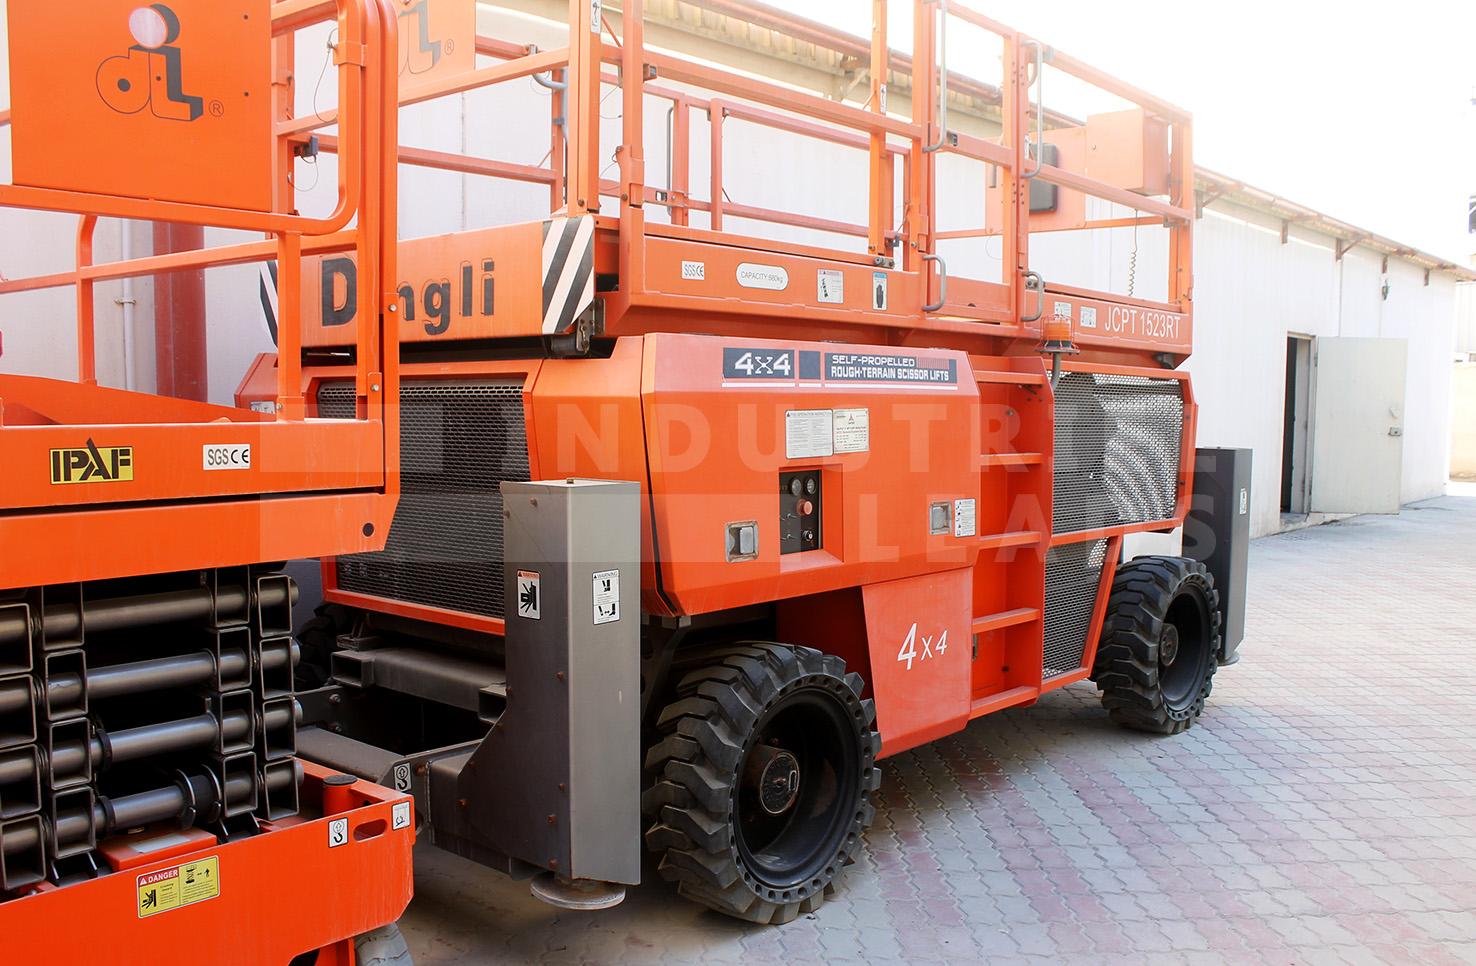 IL0125 - Dingle JCPT 1523 RT